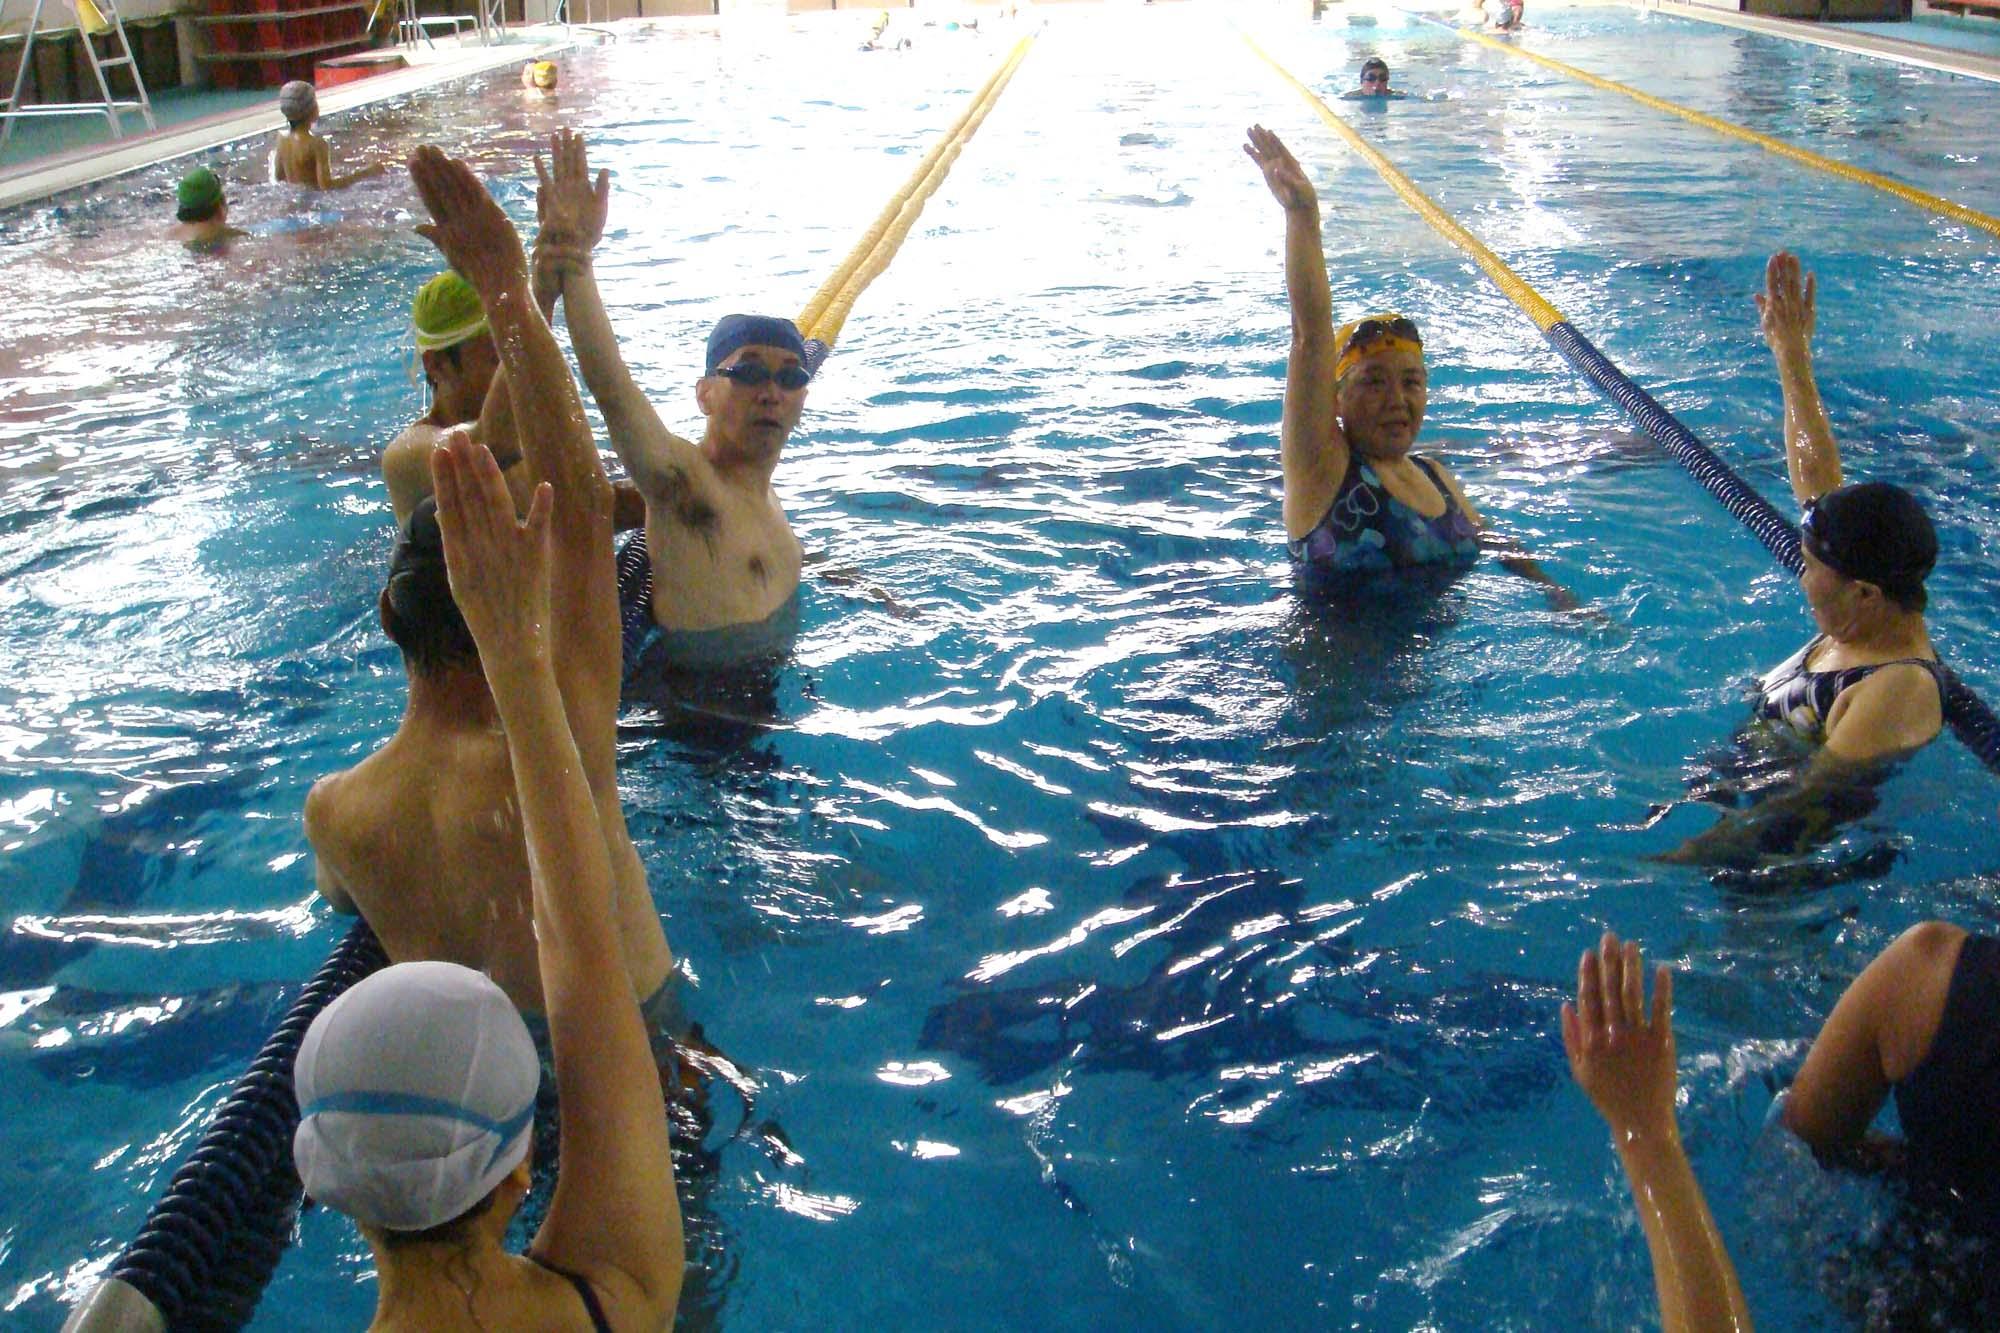 DSC03478 - 中上級水泳教室より・・・背泳ぎの練習です